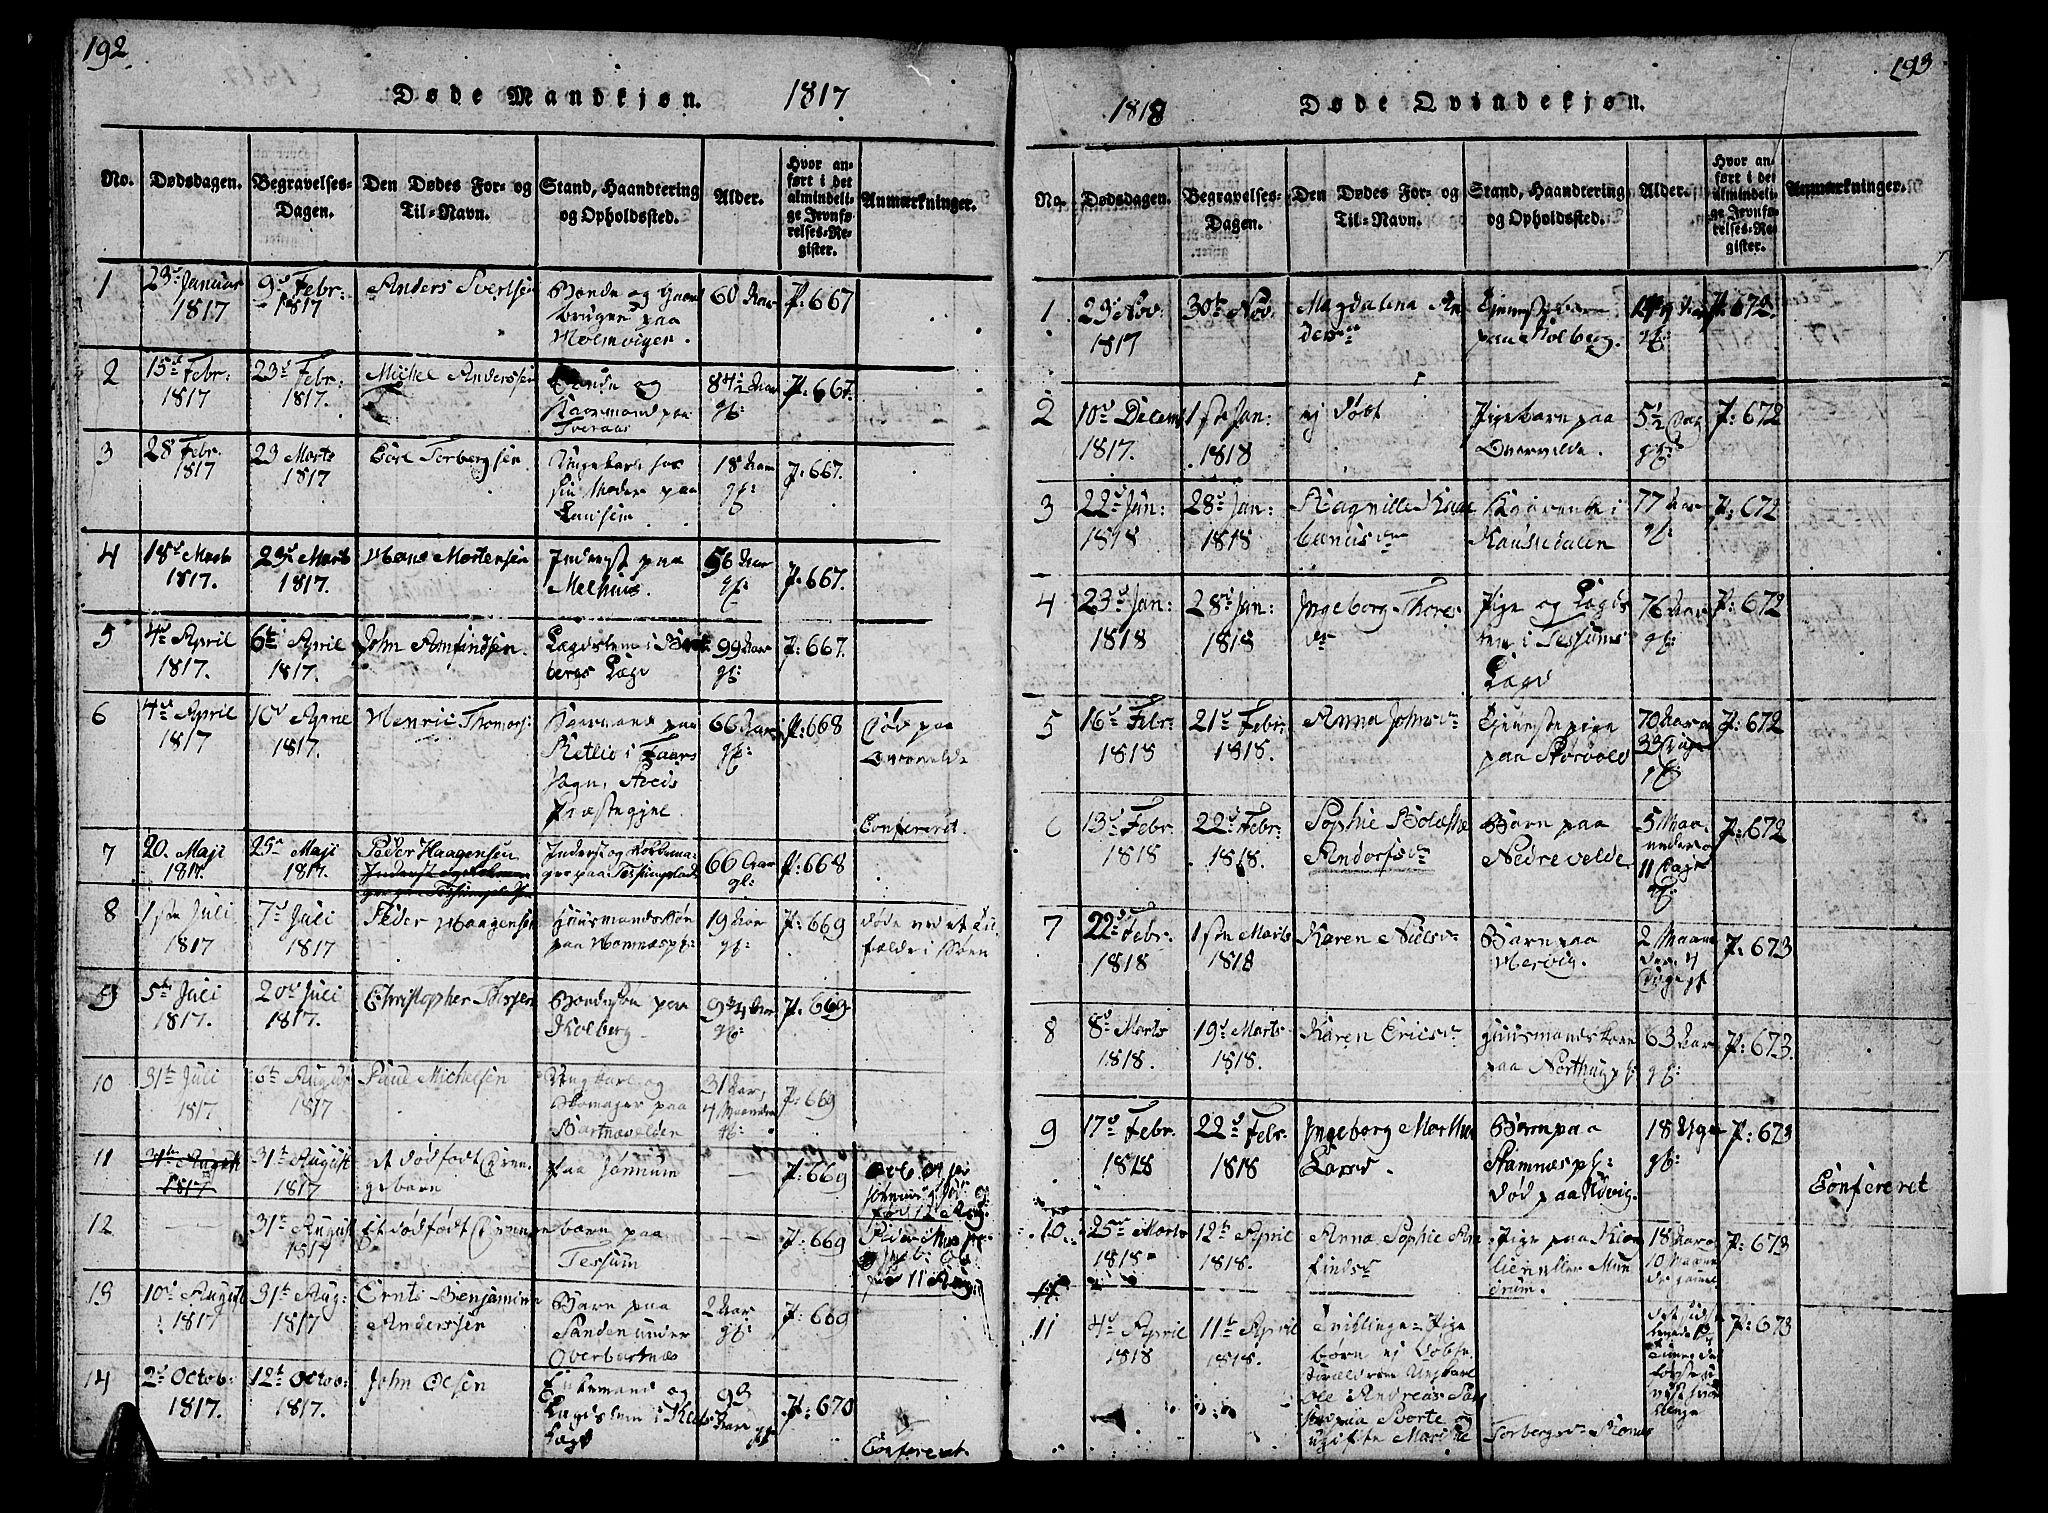 SAT, Ministerialprotokoller, klokkerbøker og fødselsregistre - Nord-Trøndelag, 741/L0400: Klokkerbok nr. 741C01, 1817-1825, s. 192-193